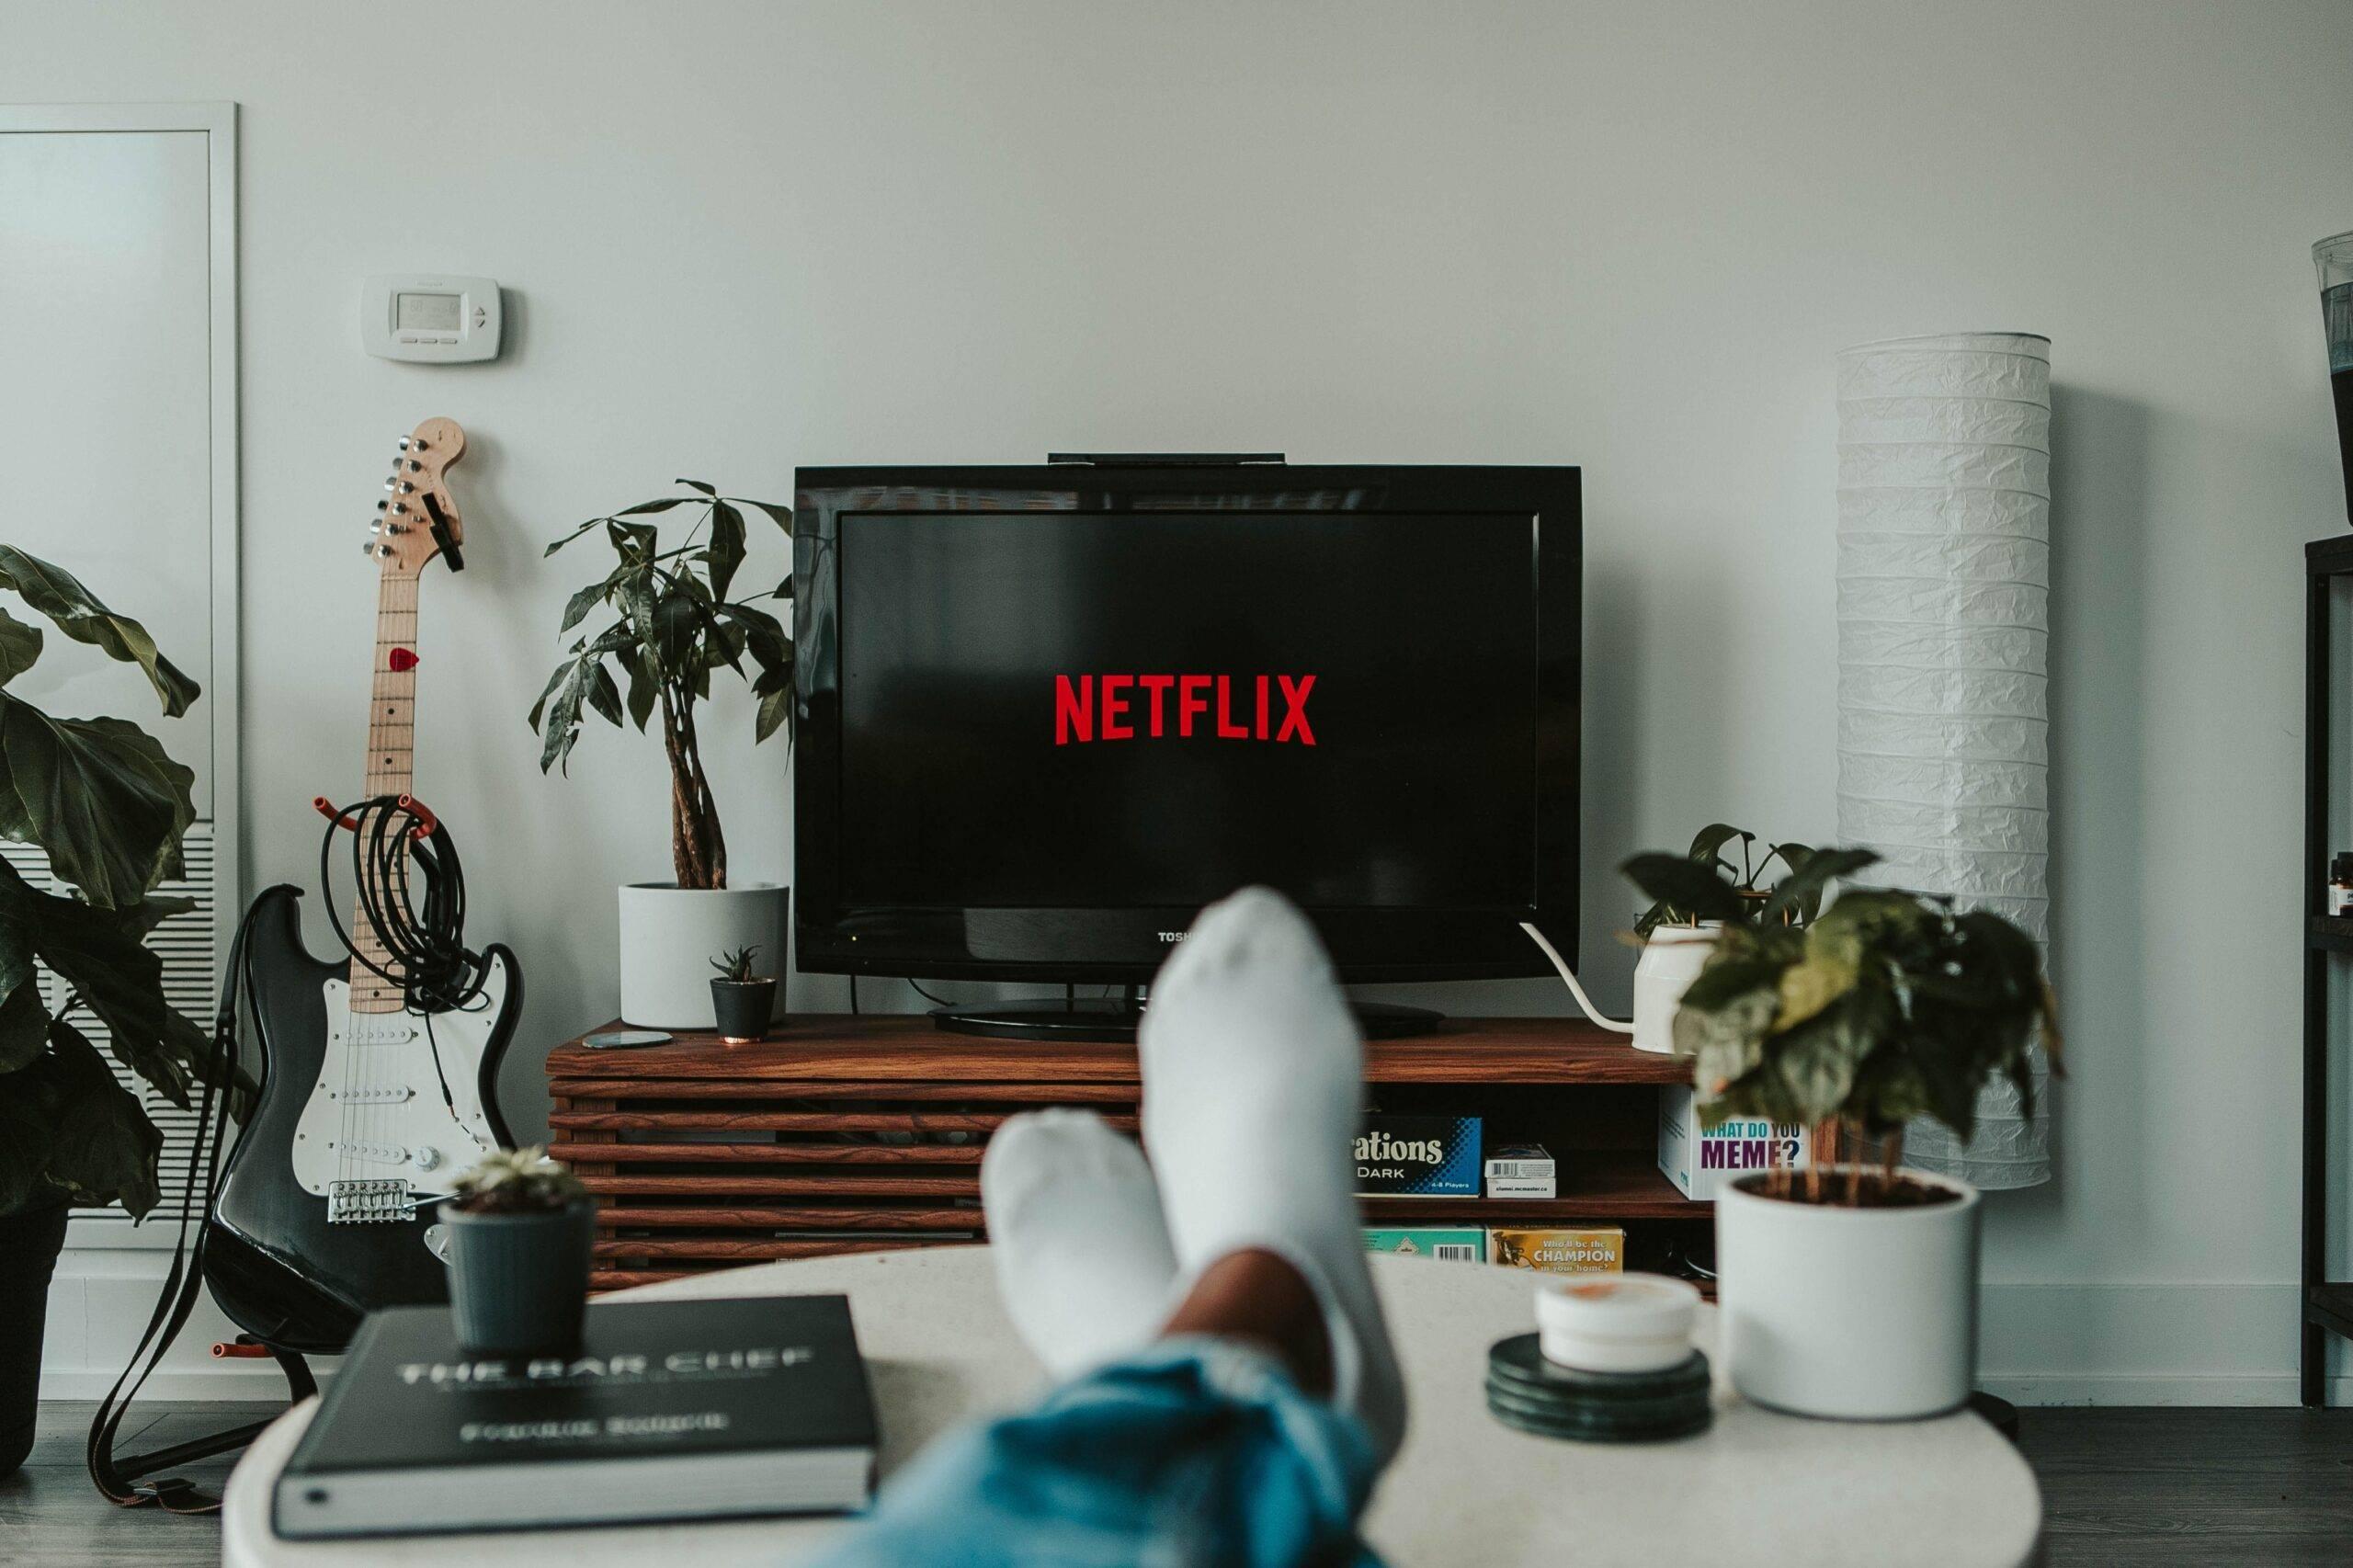 Top 5 seriale de pe Netflix pe care le puteți viziona alături de cei dragi weekendul acesta